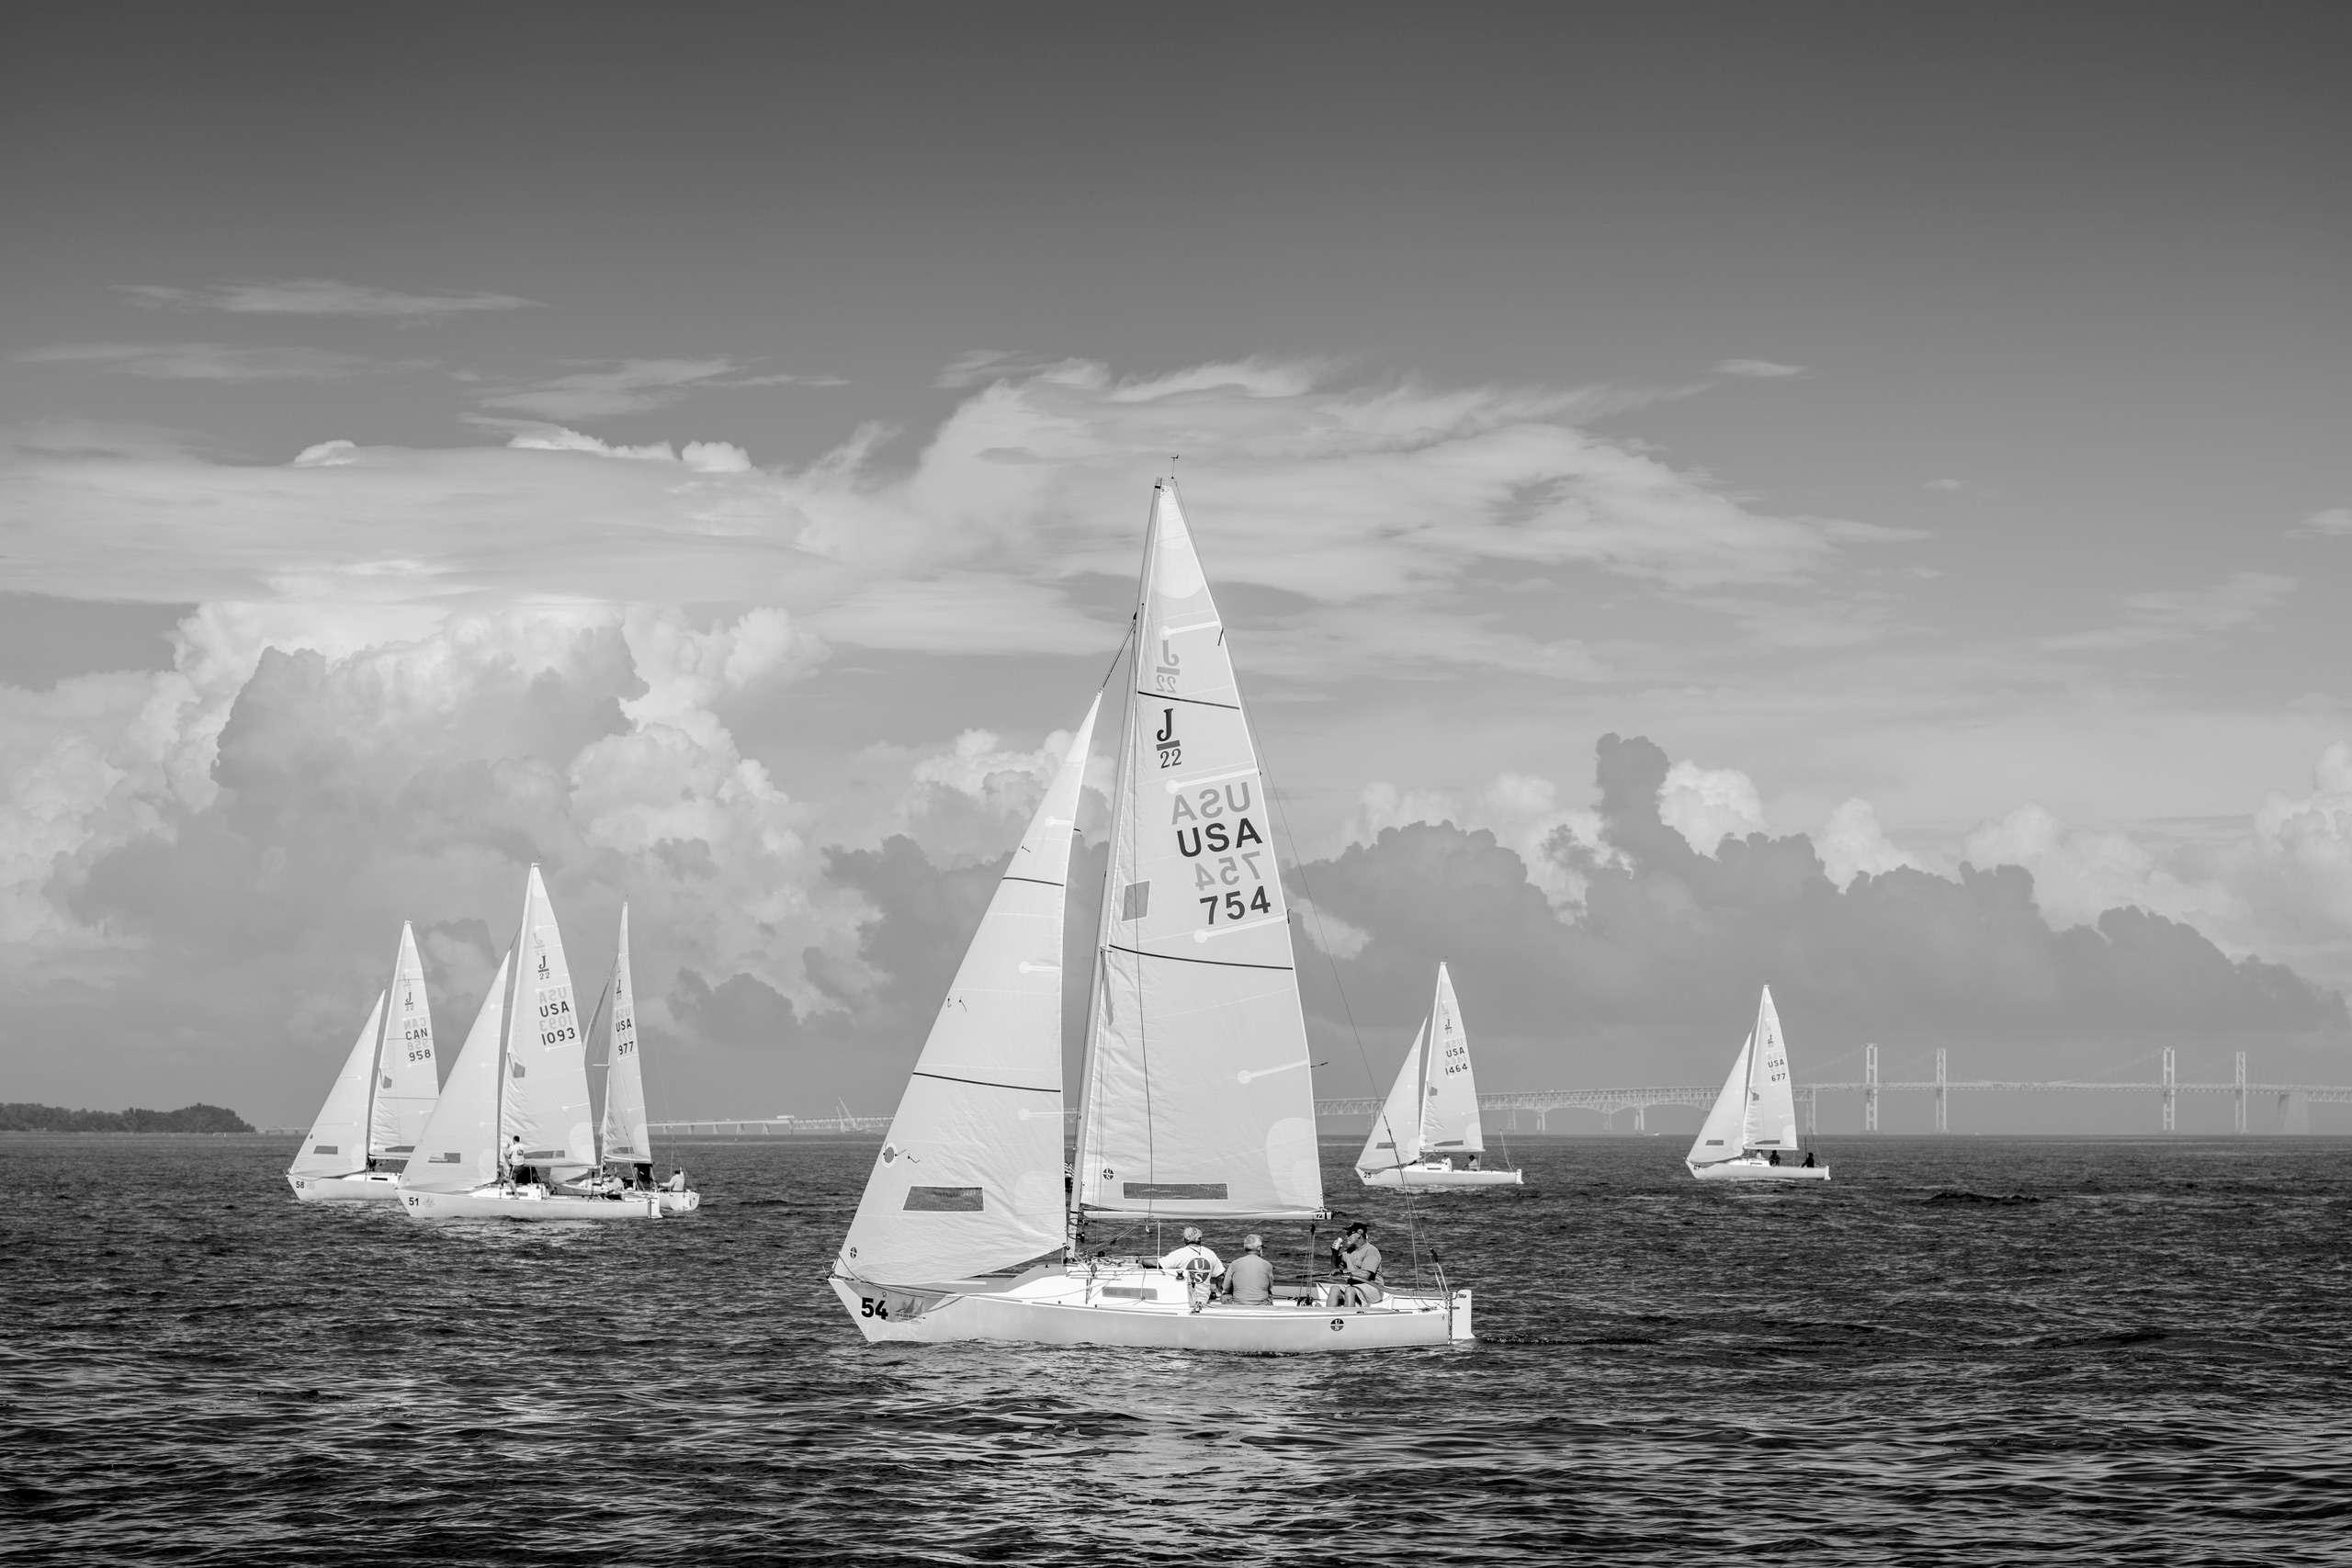 PORTFOLIO - Maritime #7